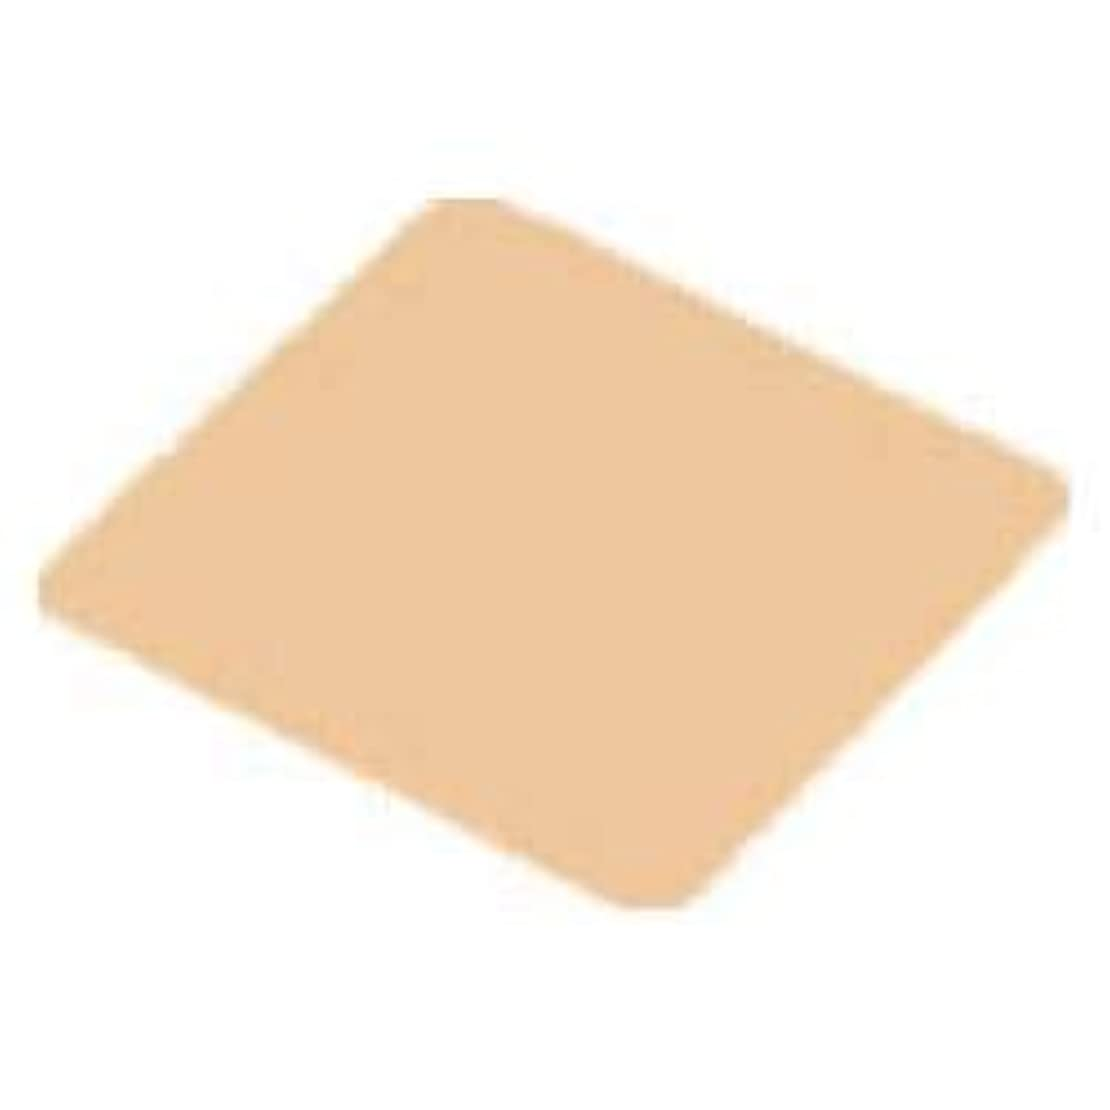 死の顎ハム模倣ウトワ NBRクリームファンデーションUV(レフィル) 573(10g)